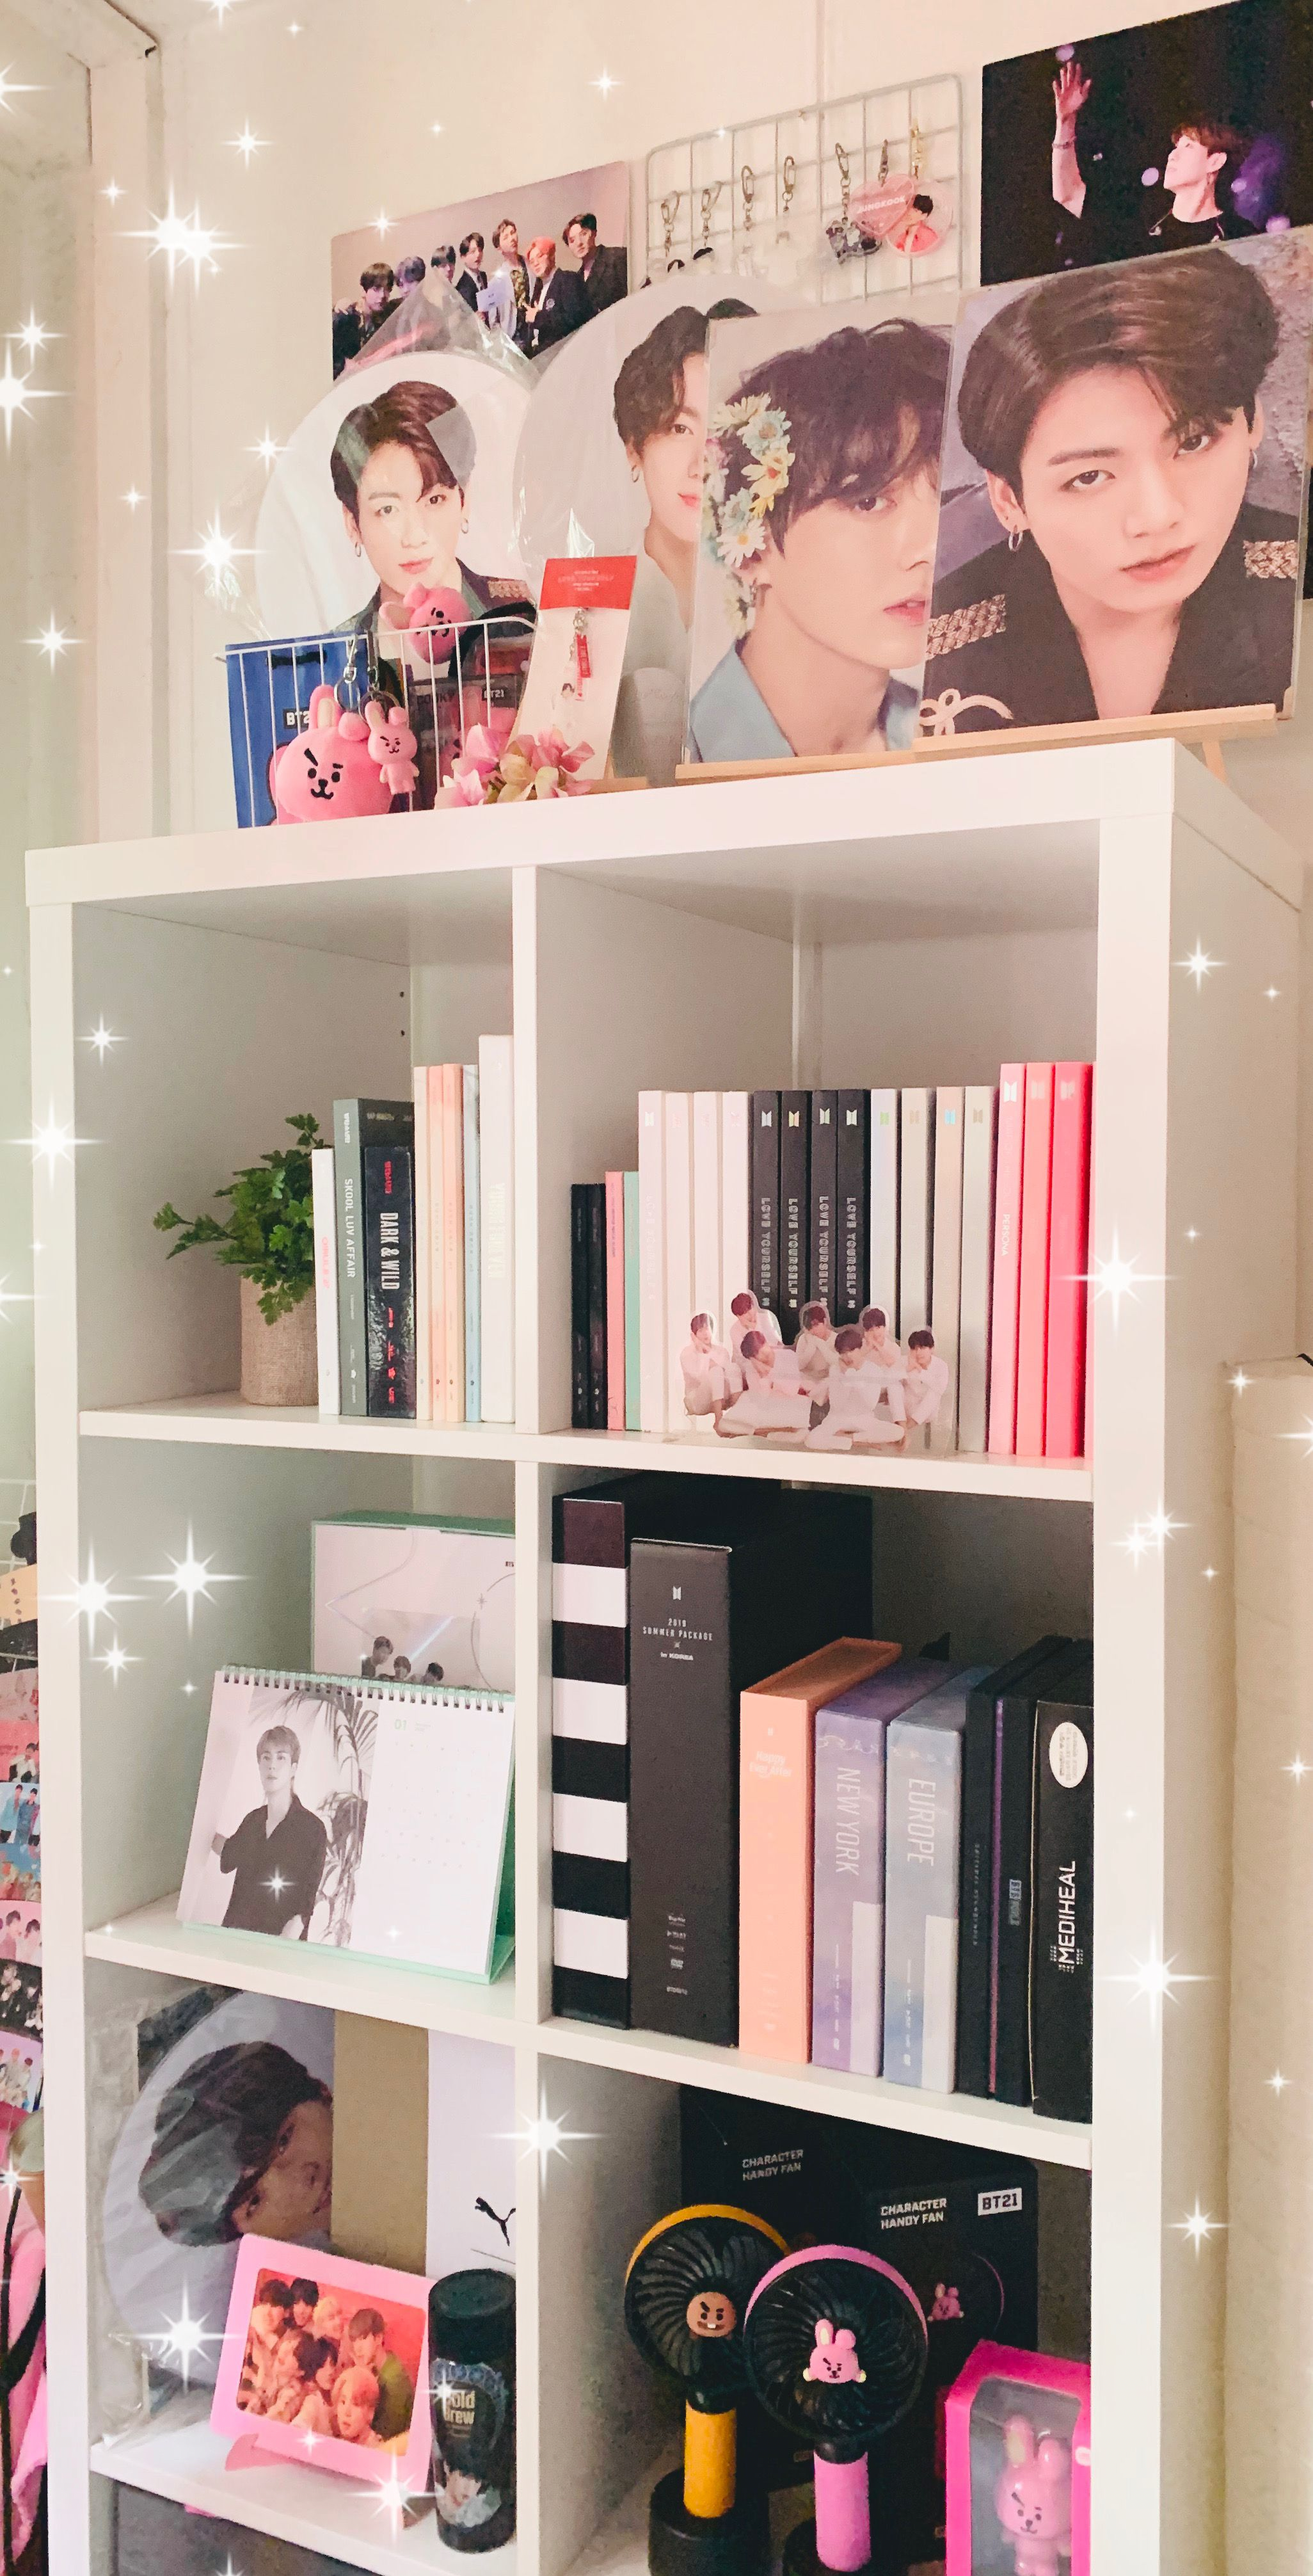 Bts Kpop Shelf Room Decor Jungkook Merch Inspiration Army Room Decor Bts Wallpaper Army Room Bts wallpaper for room